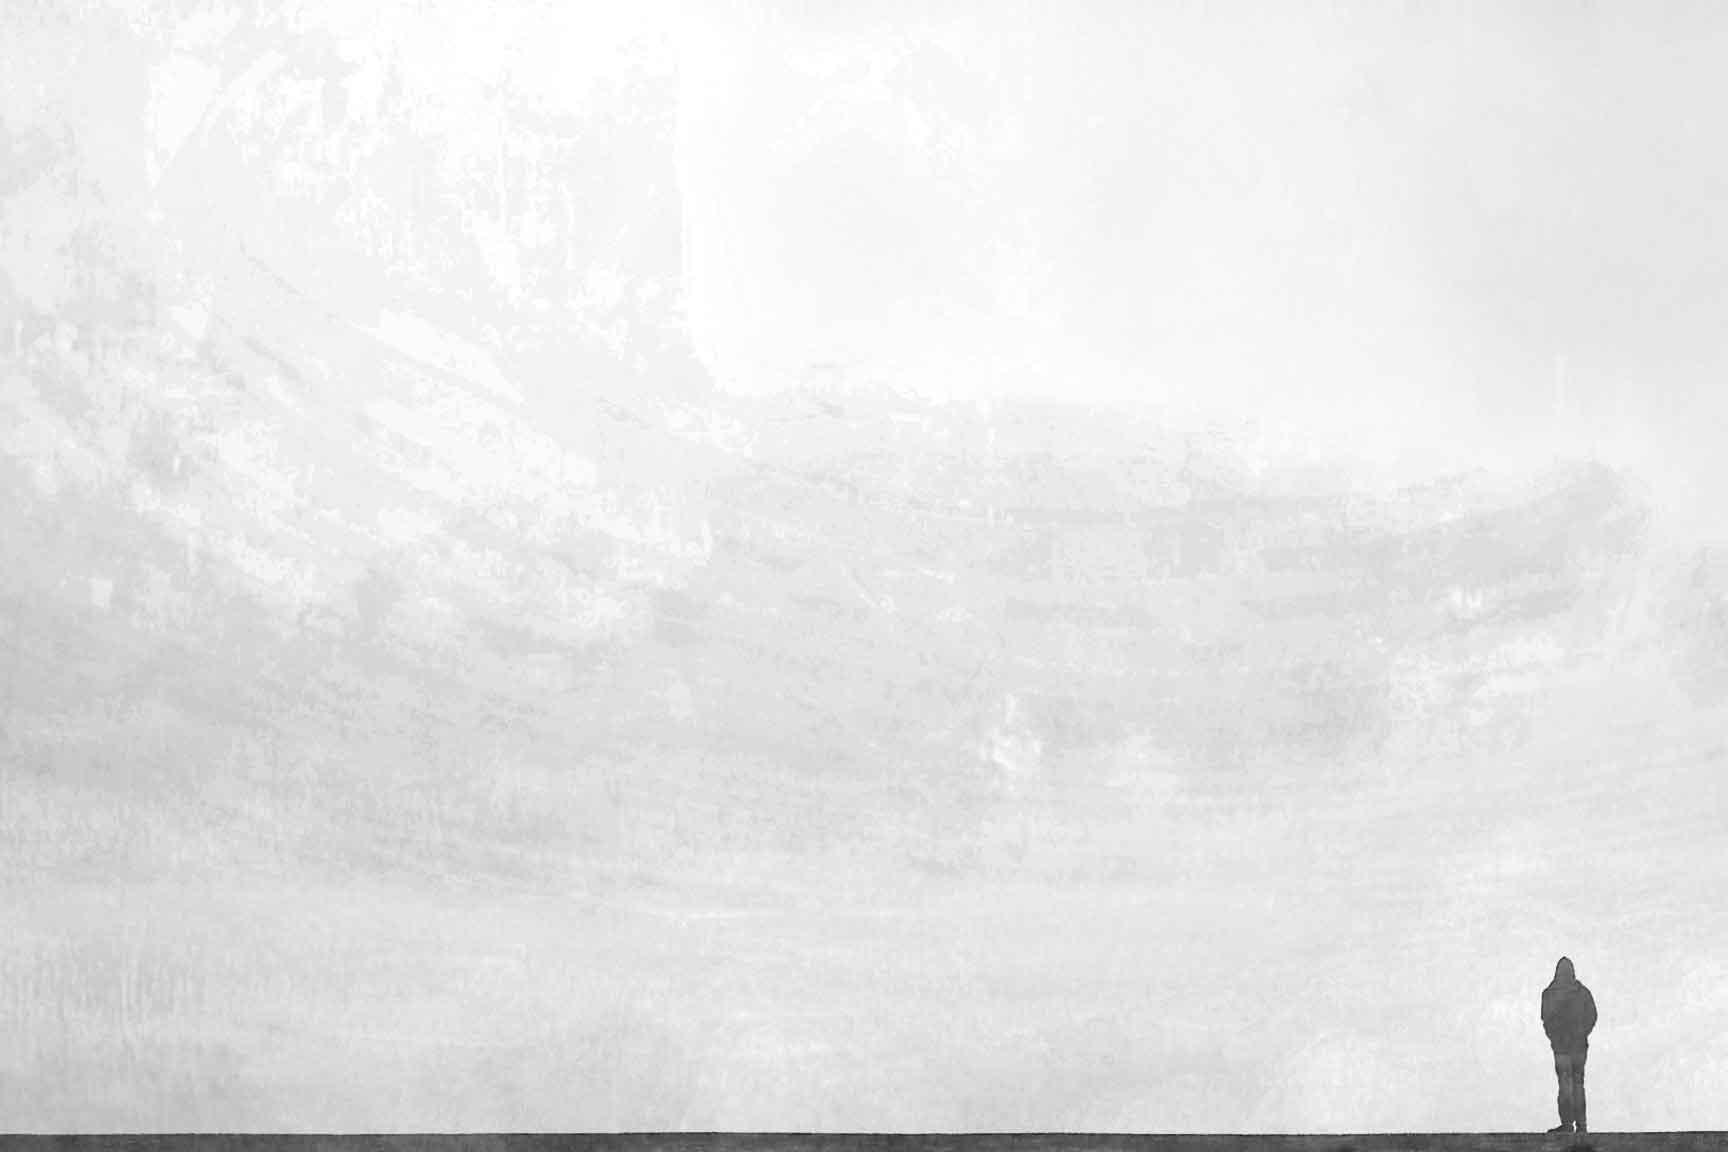 Un homme seul debout devant le vide